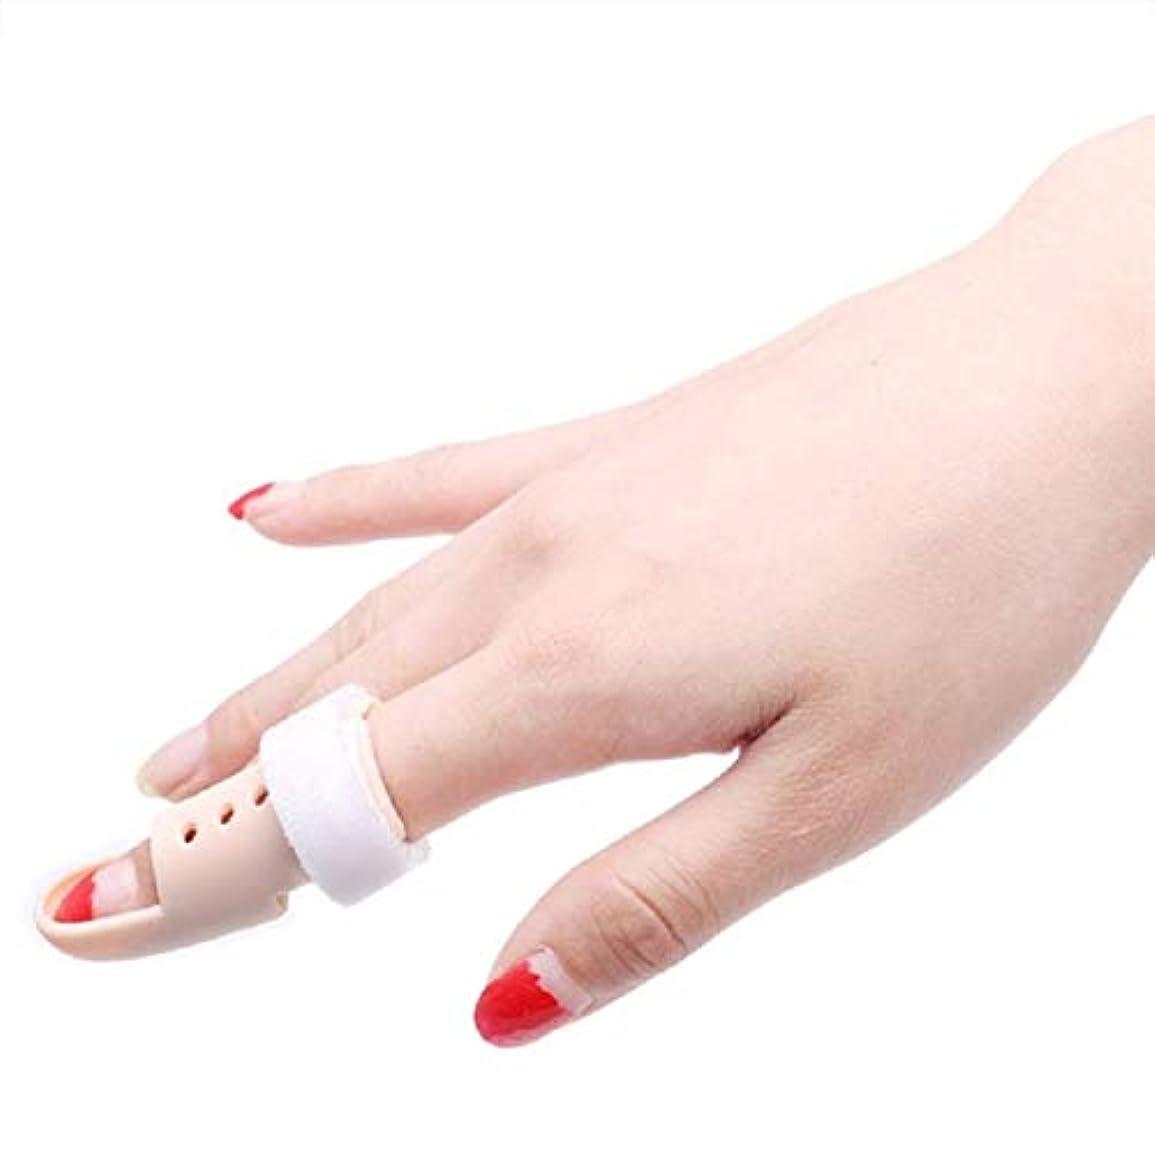 人事咳絶望的なサポートスプリントは、ばね指スプリント、マレットフィンガーブレースは、痛みを和らげる指 (Size : L)